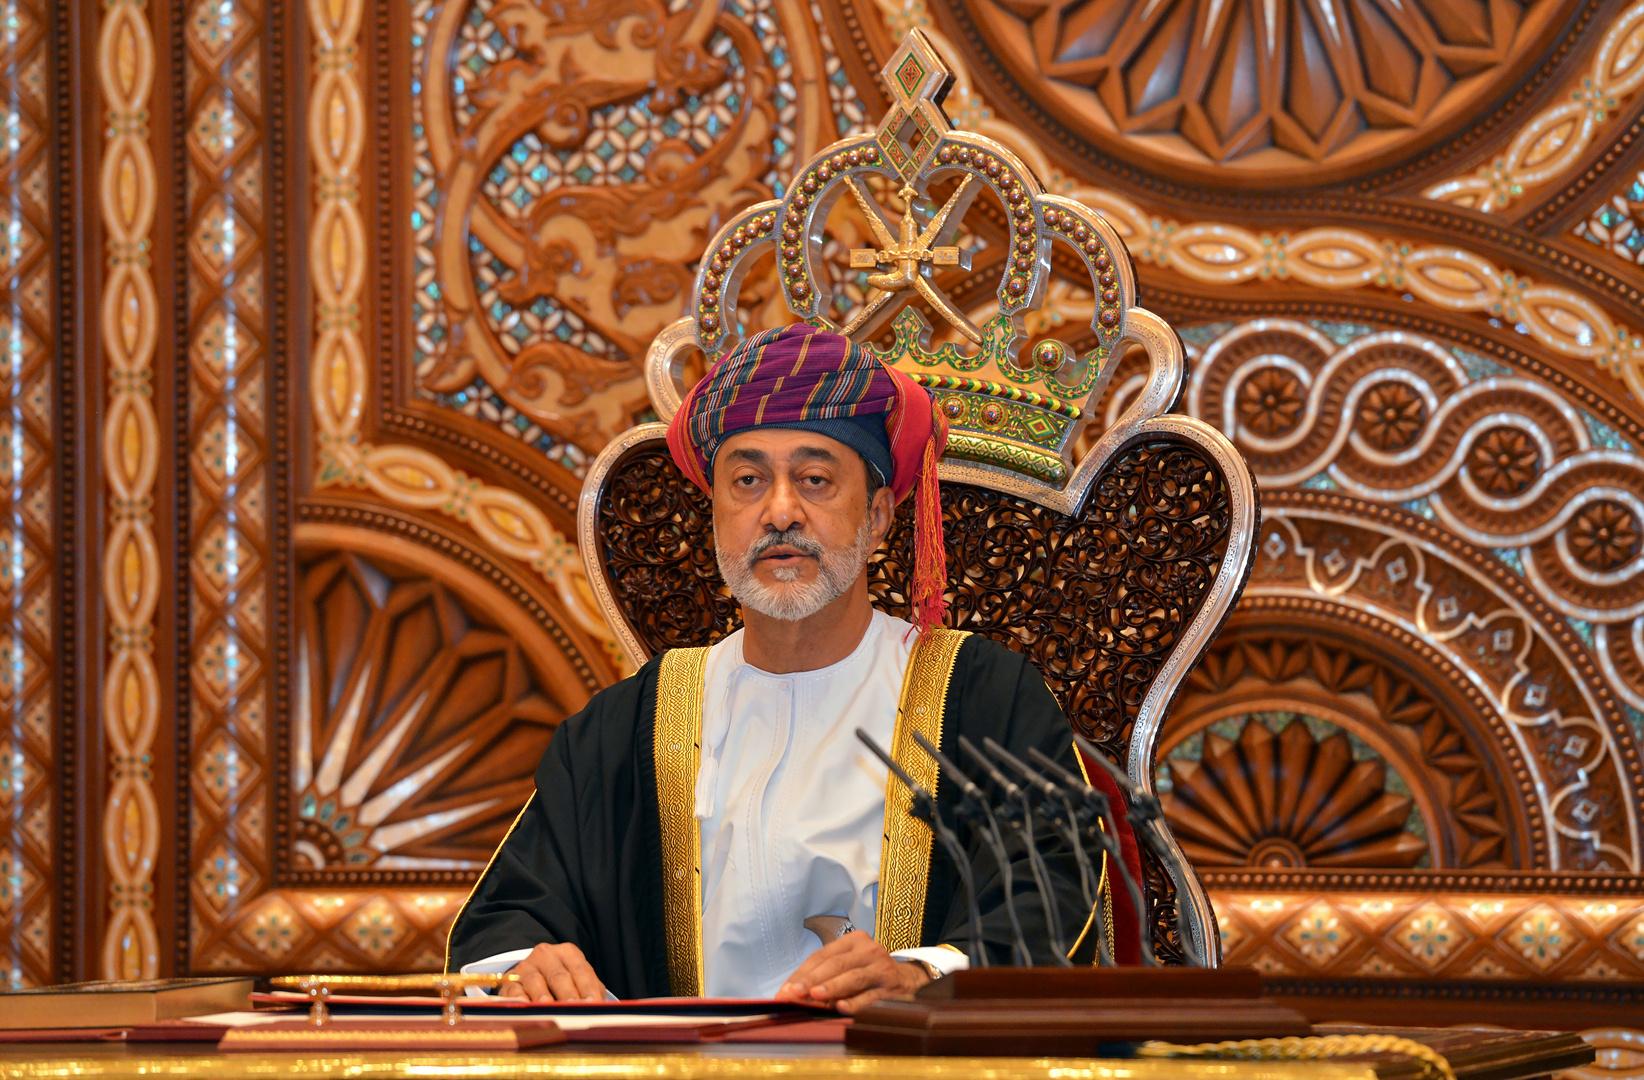 سلطنة عمان تقر مرسوم الخلافة من الحاكم إلى الابن الأكبر